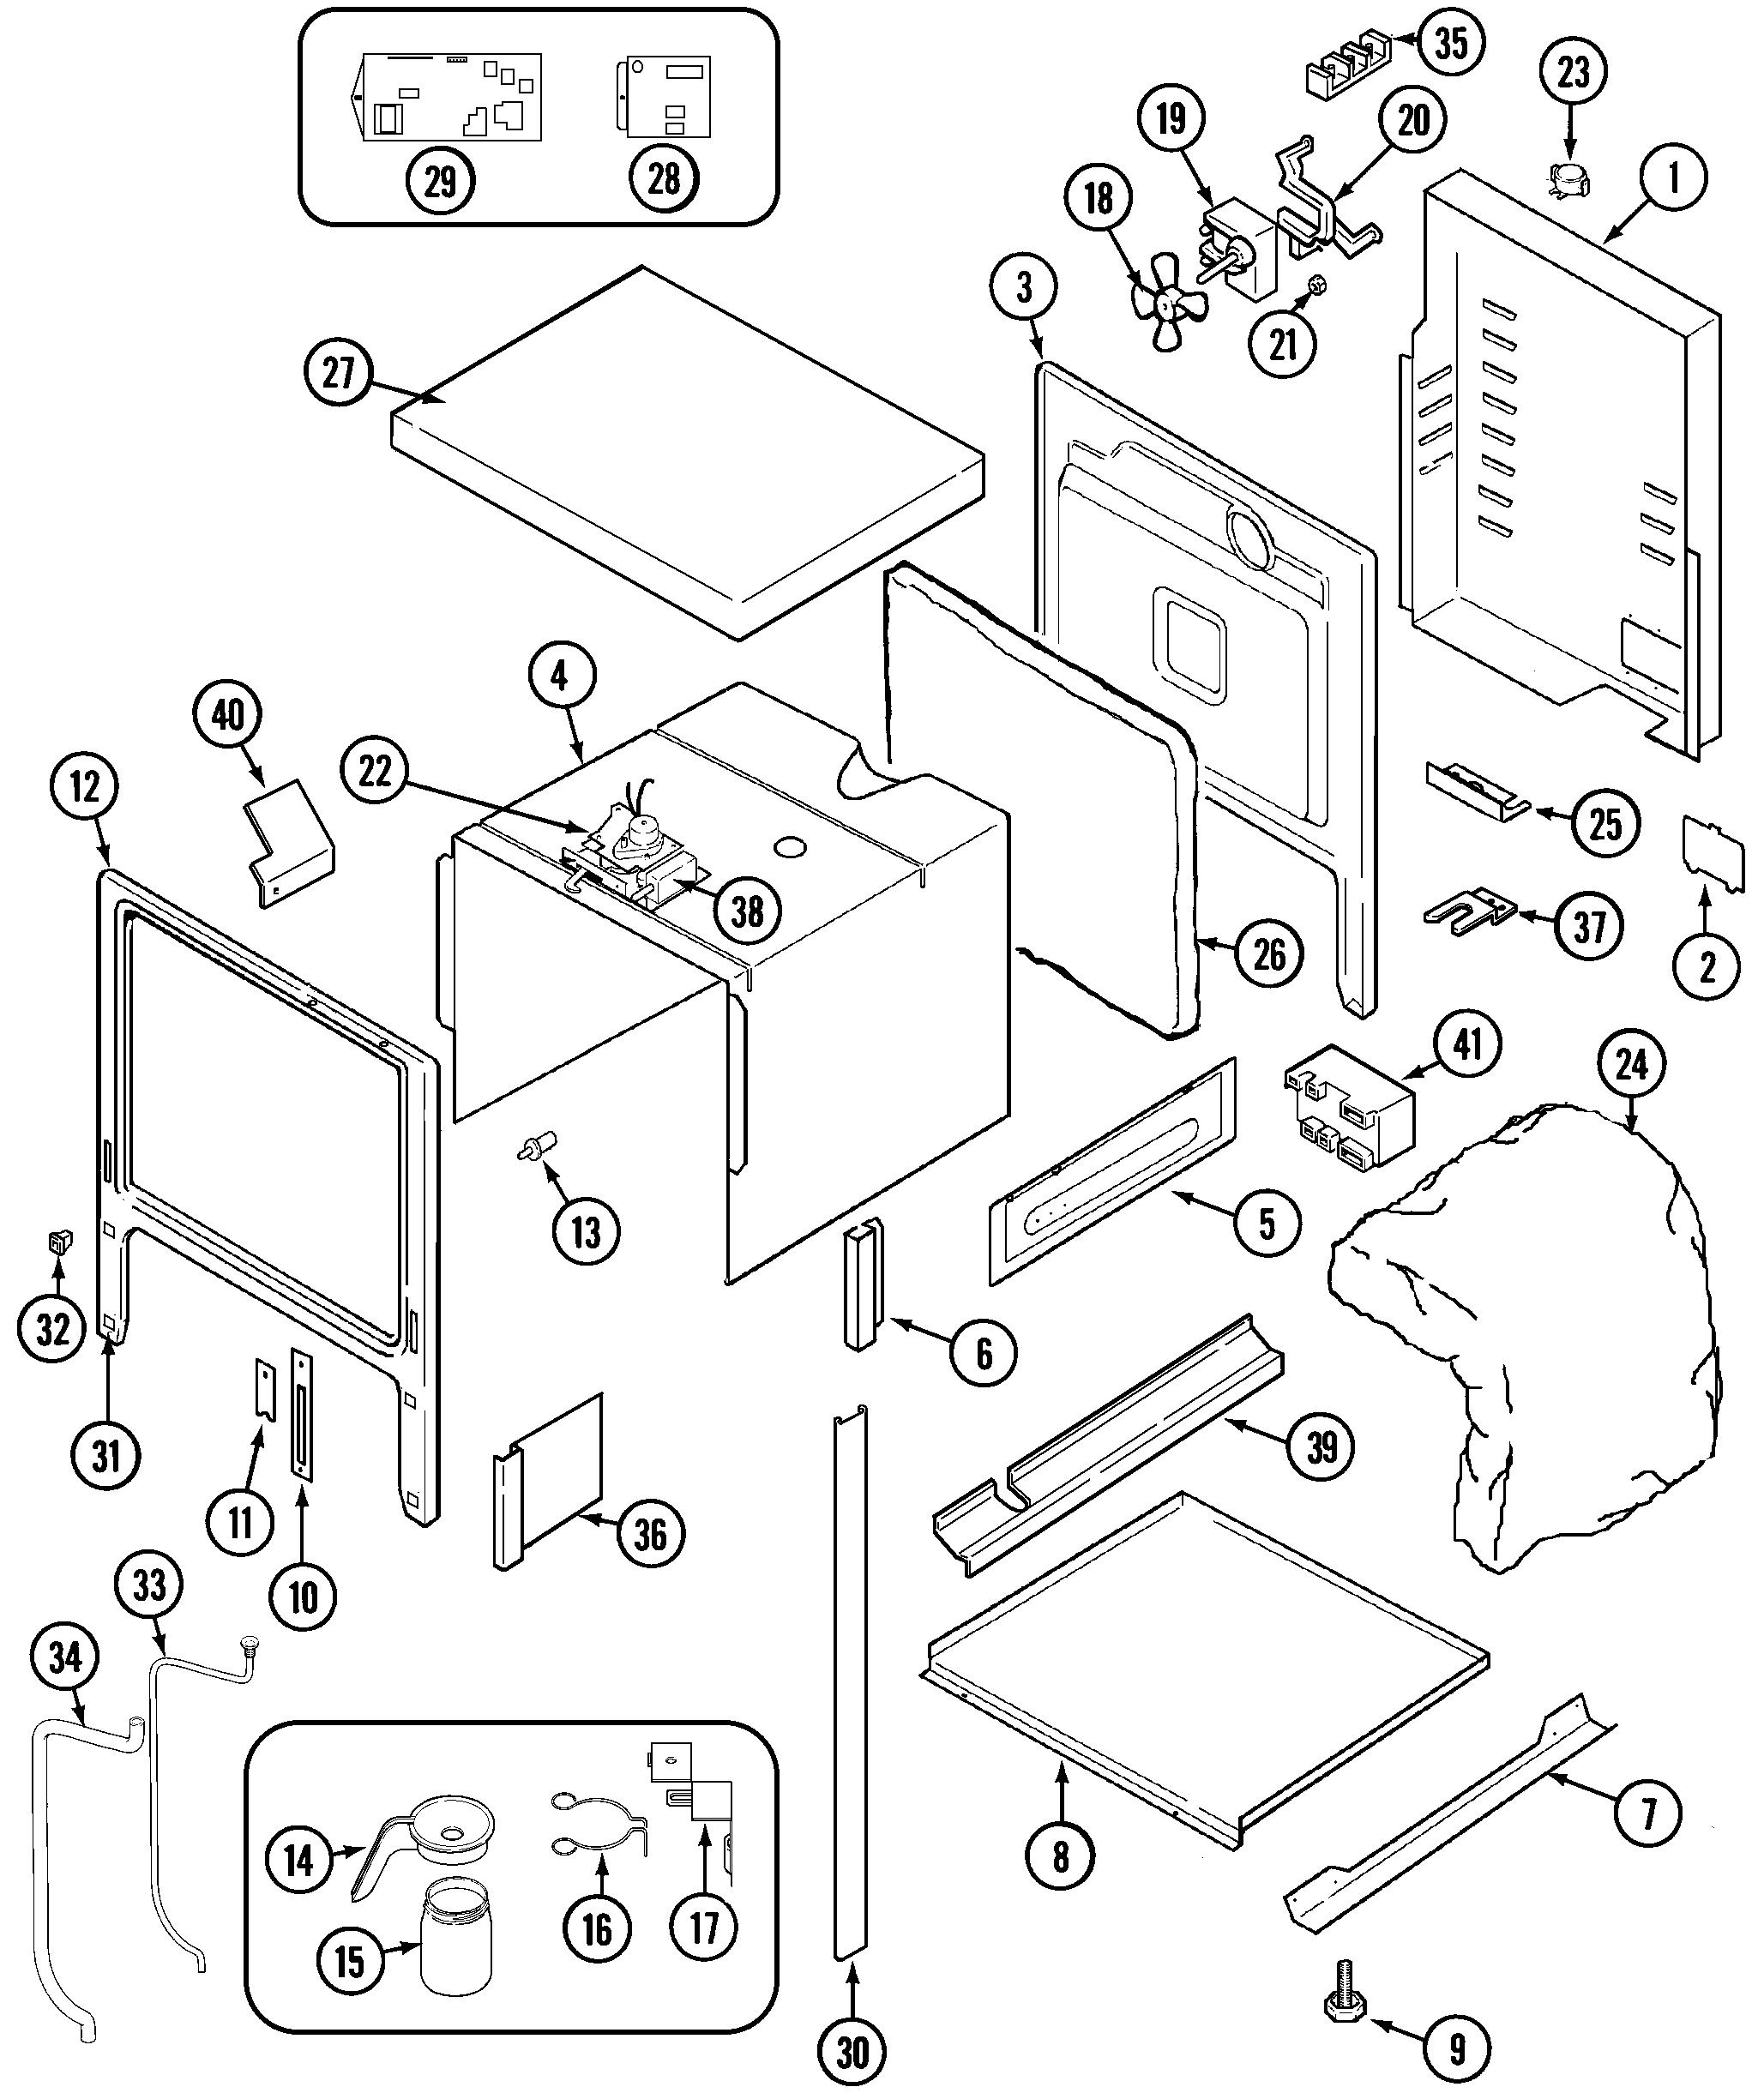 SVD48600B Gas/Electric Slide-In Range Body Parts diagram